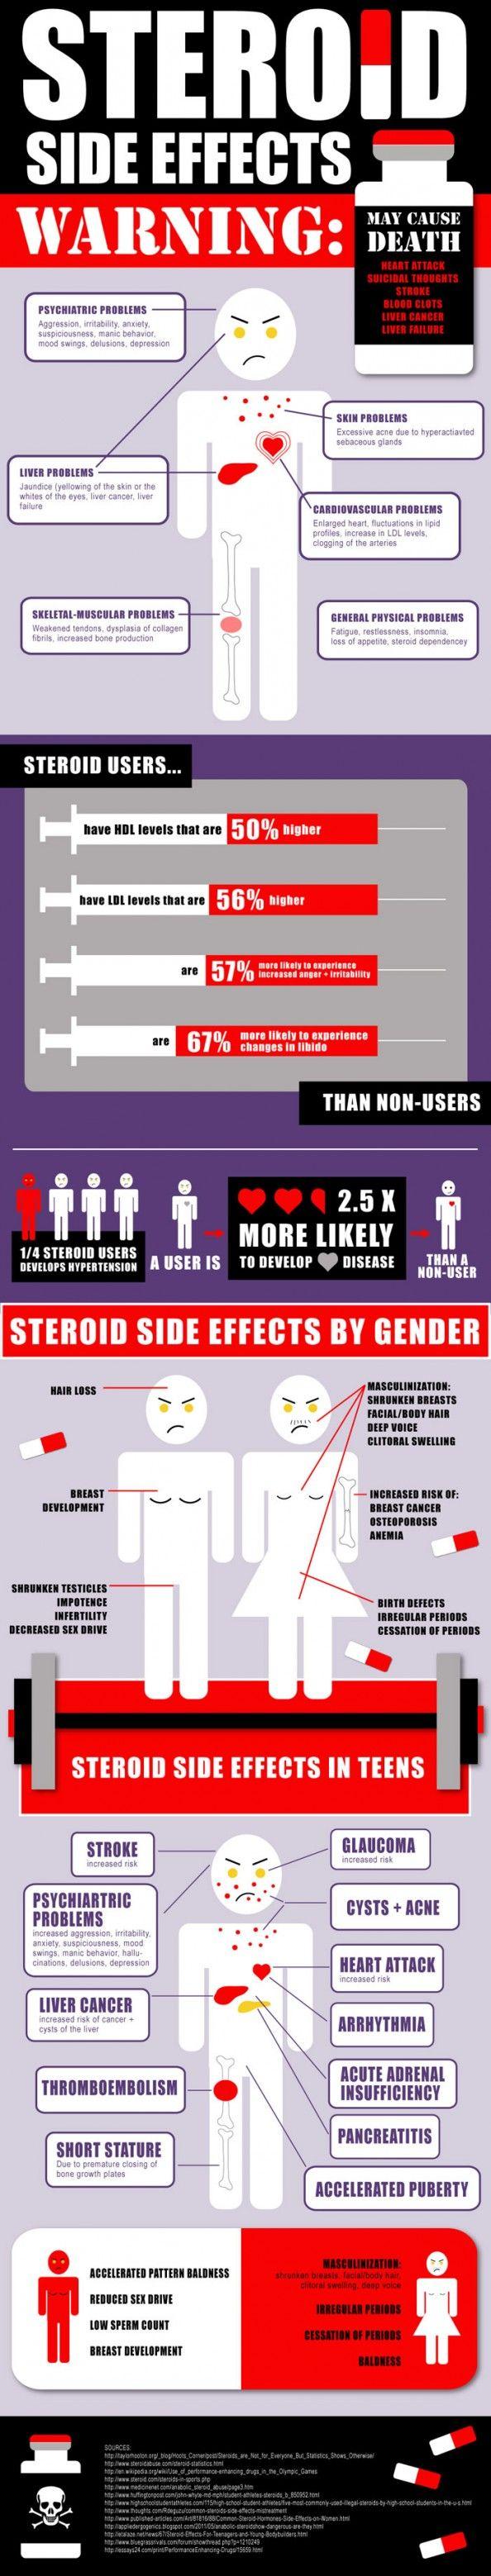 Prednisone Side Effects In Men